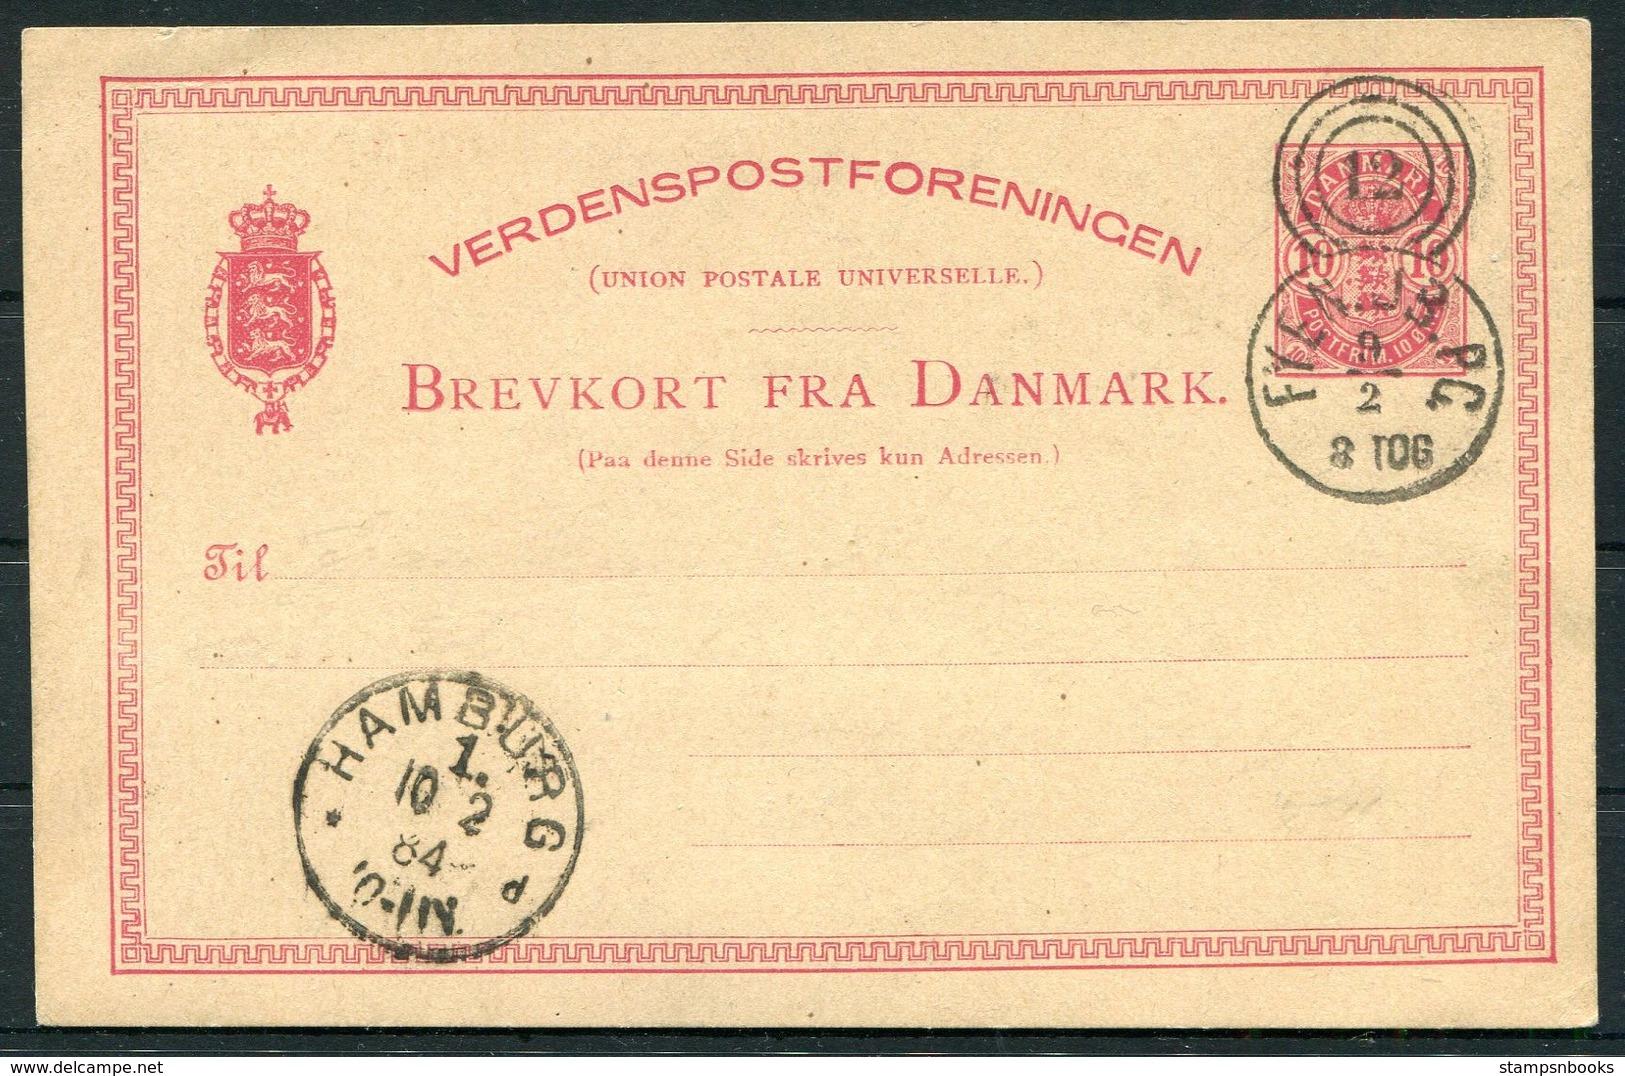 1884 Denmark 10ore Stationery Postcard Lapidarstempler Railway FYEN.JB.PC 12 Tog 8 - Hamburg - Lettere